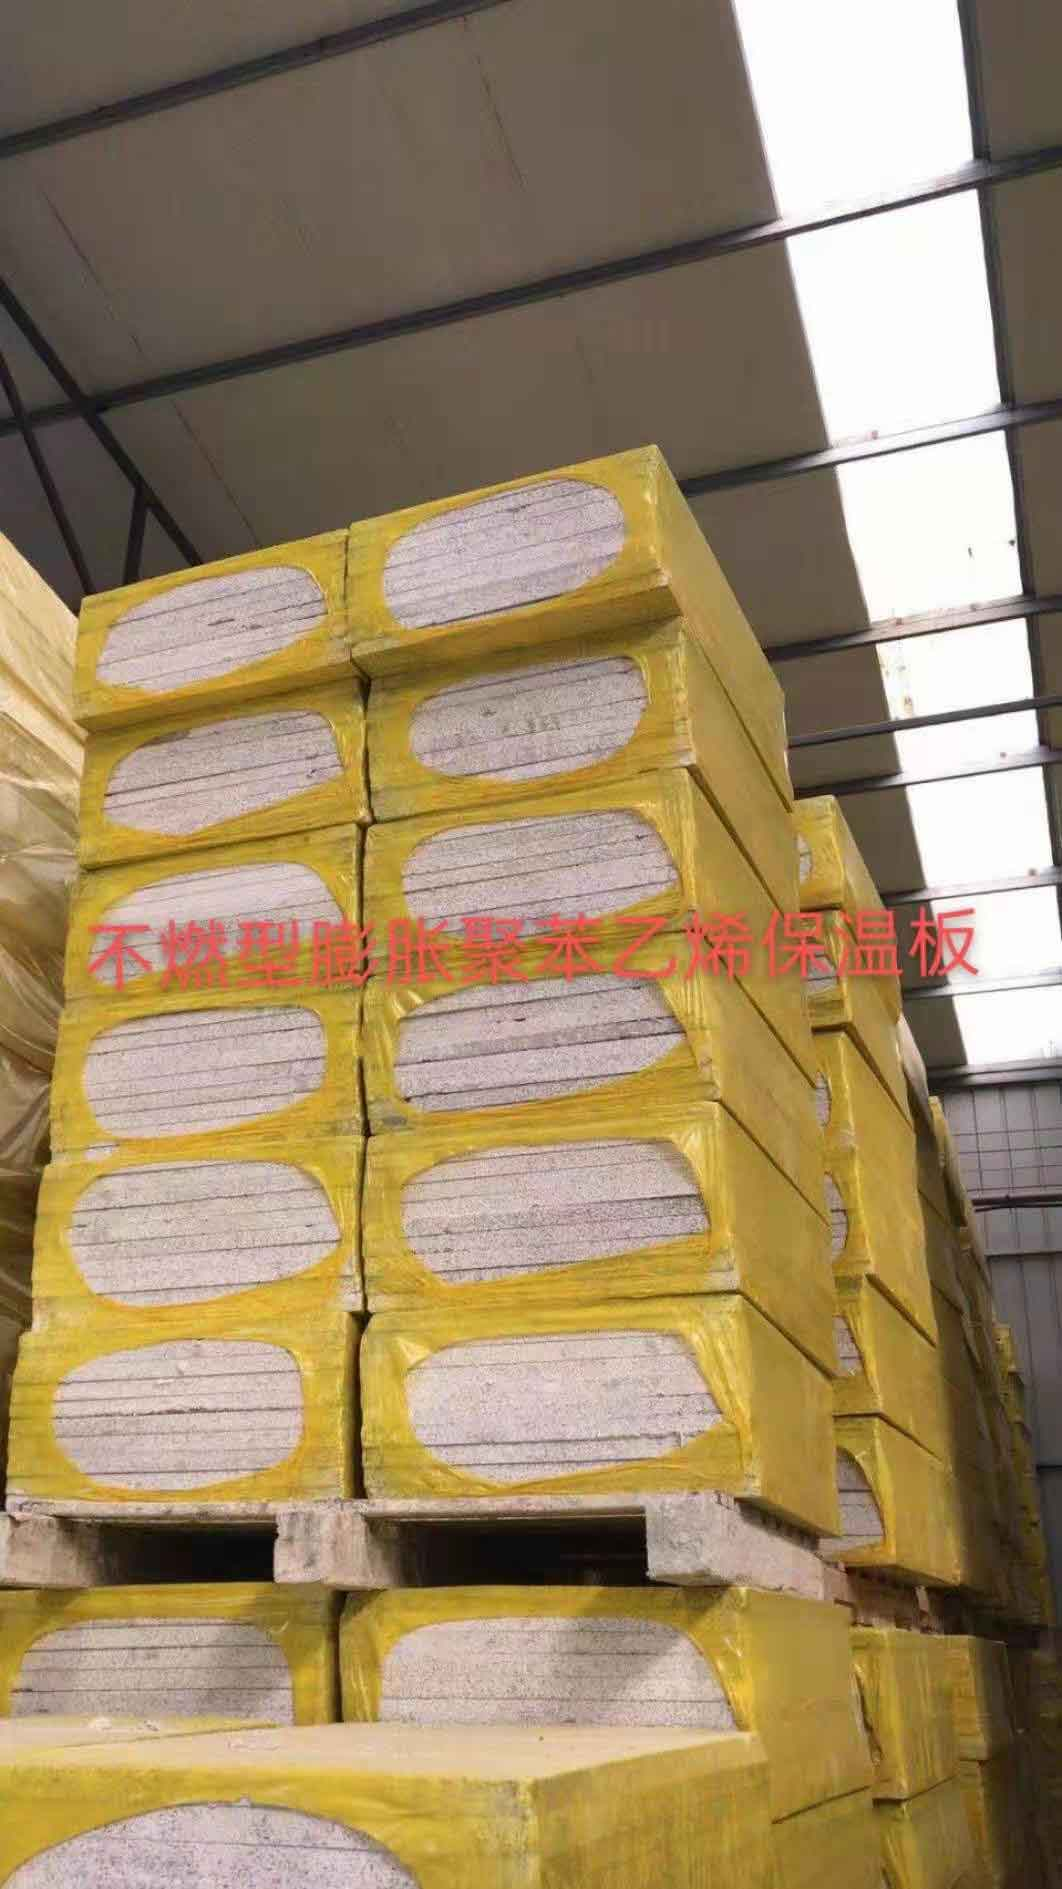 四川不燃型膨胀聚苯乙烯保温板生产